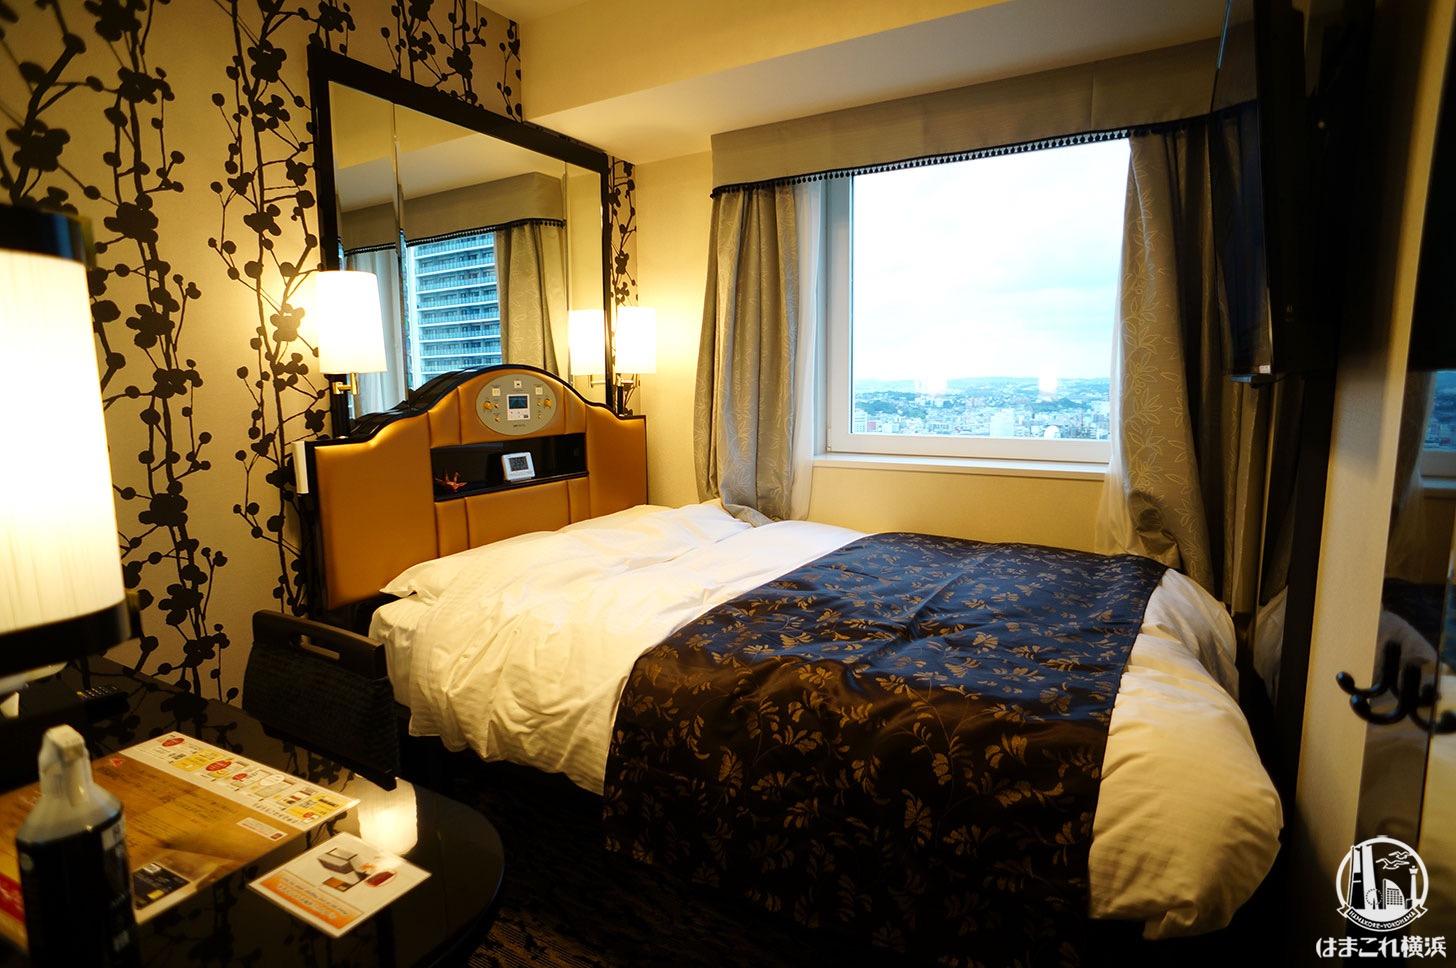 アパホテル&リゾート 横浜ベイタワー「シングルルーム」